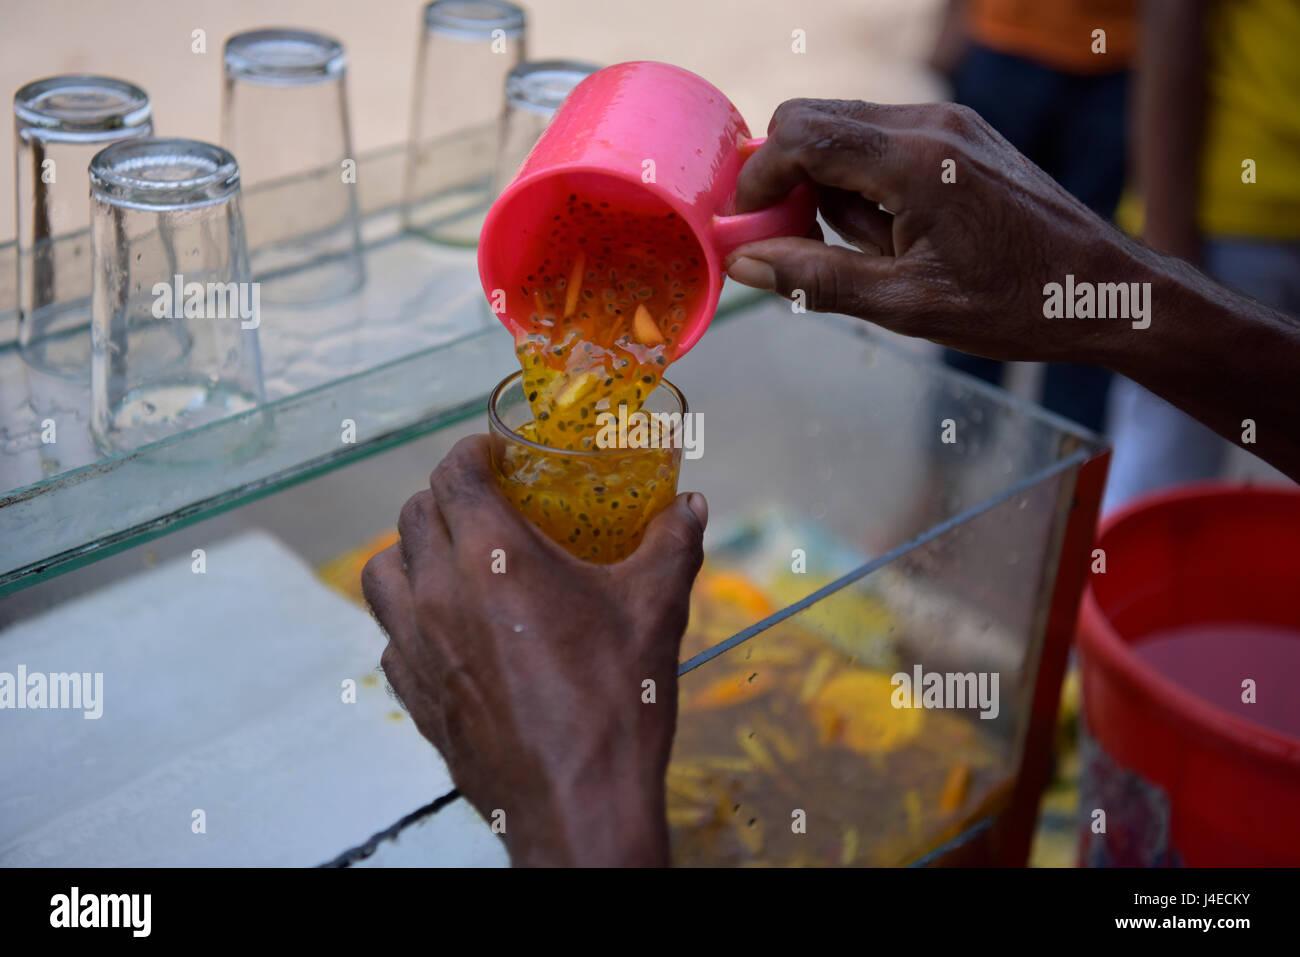 DHAKA, BANGLADESH - MAY 13, 2017: A Bangladeshi street vendor sells unhygienic cold fruit juice in Dhaka, Bangladesh. Stock Photo